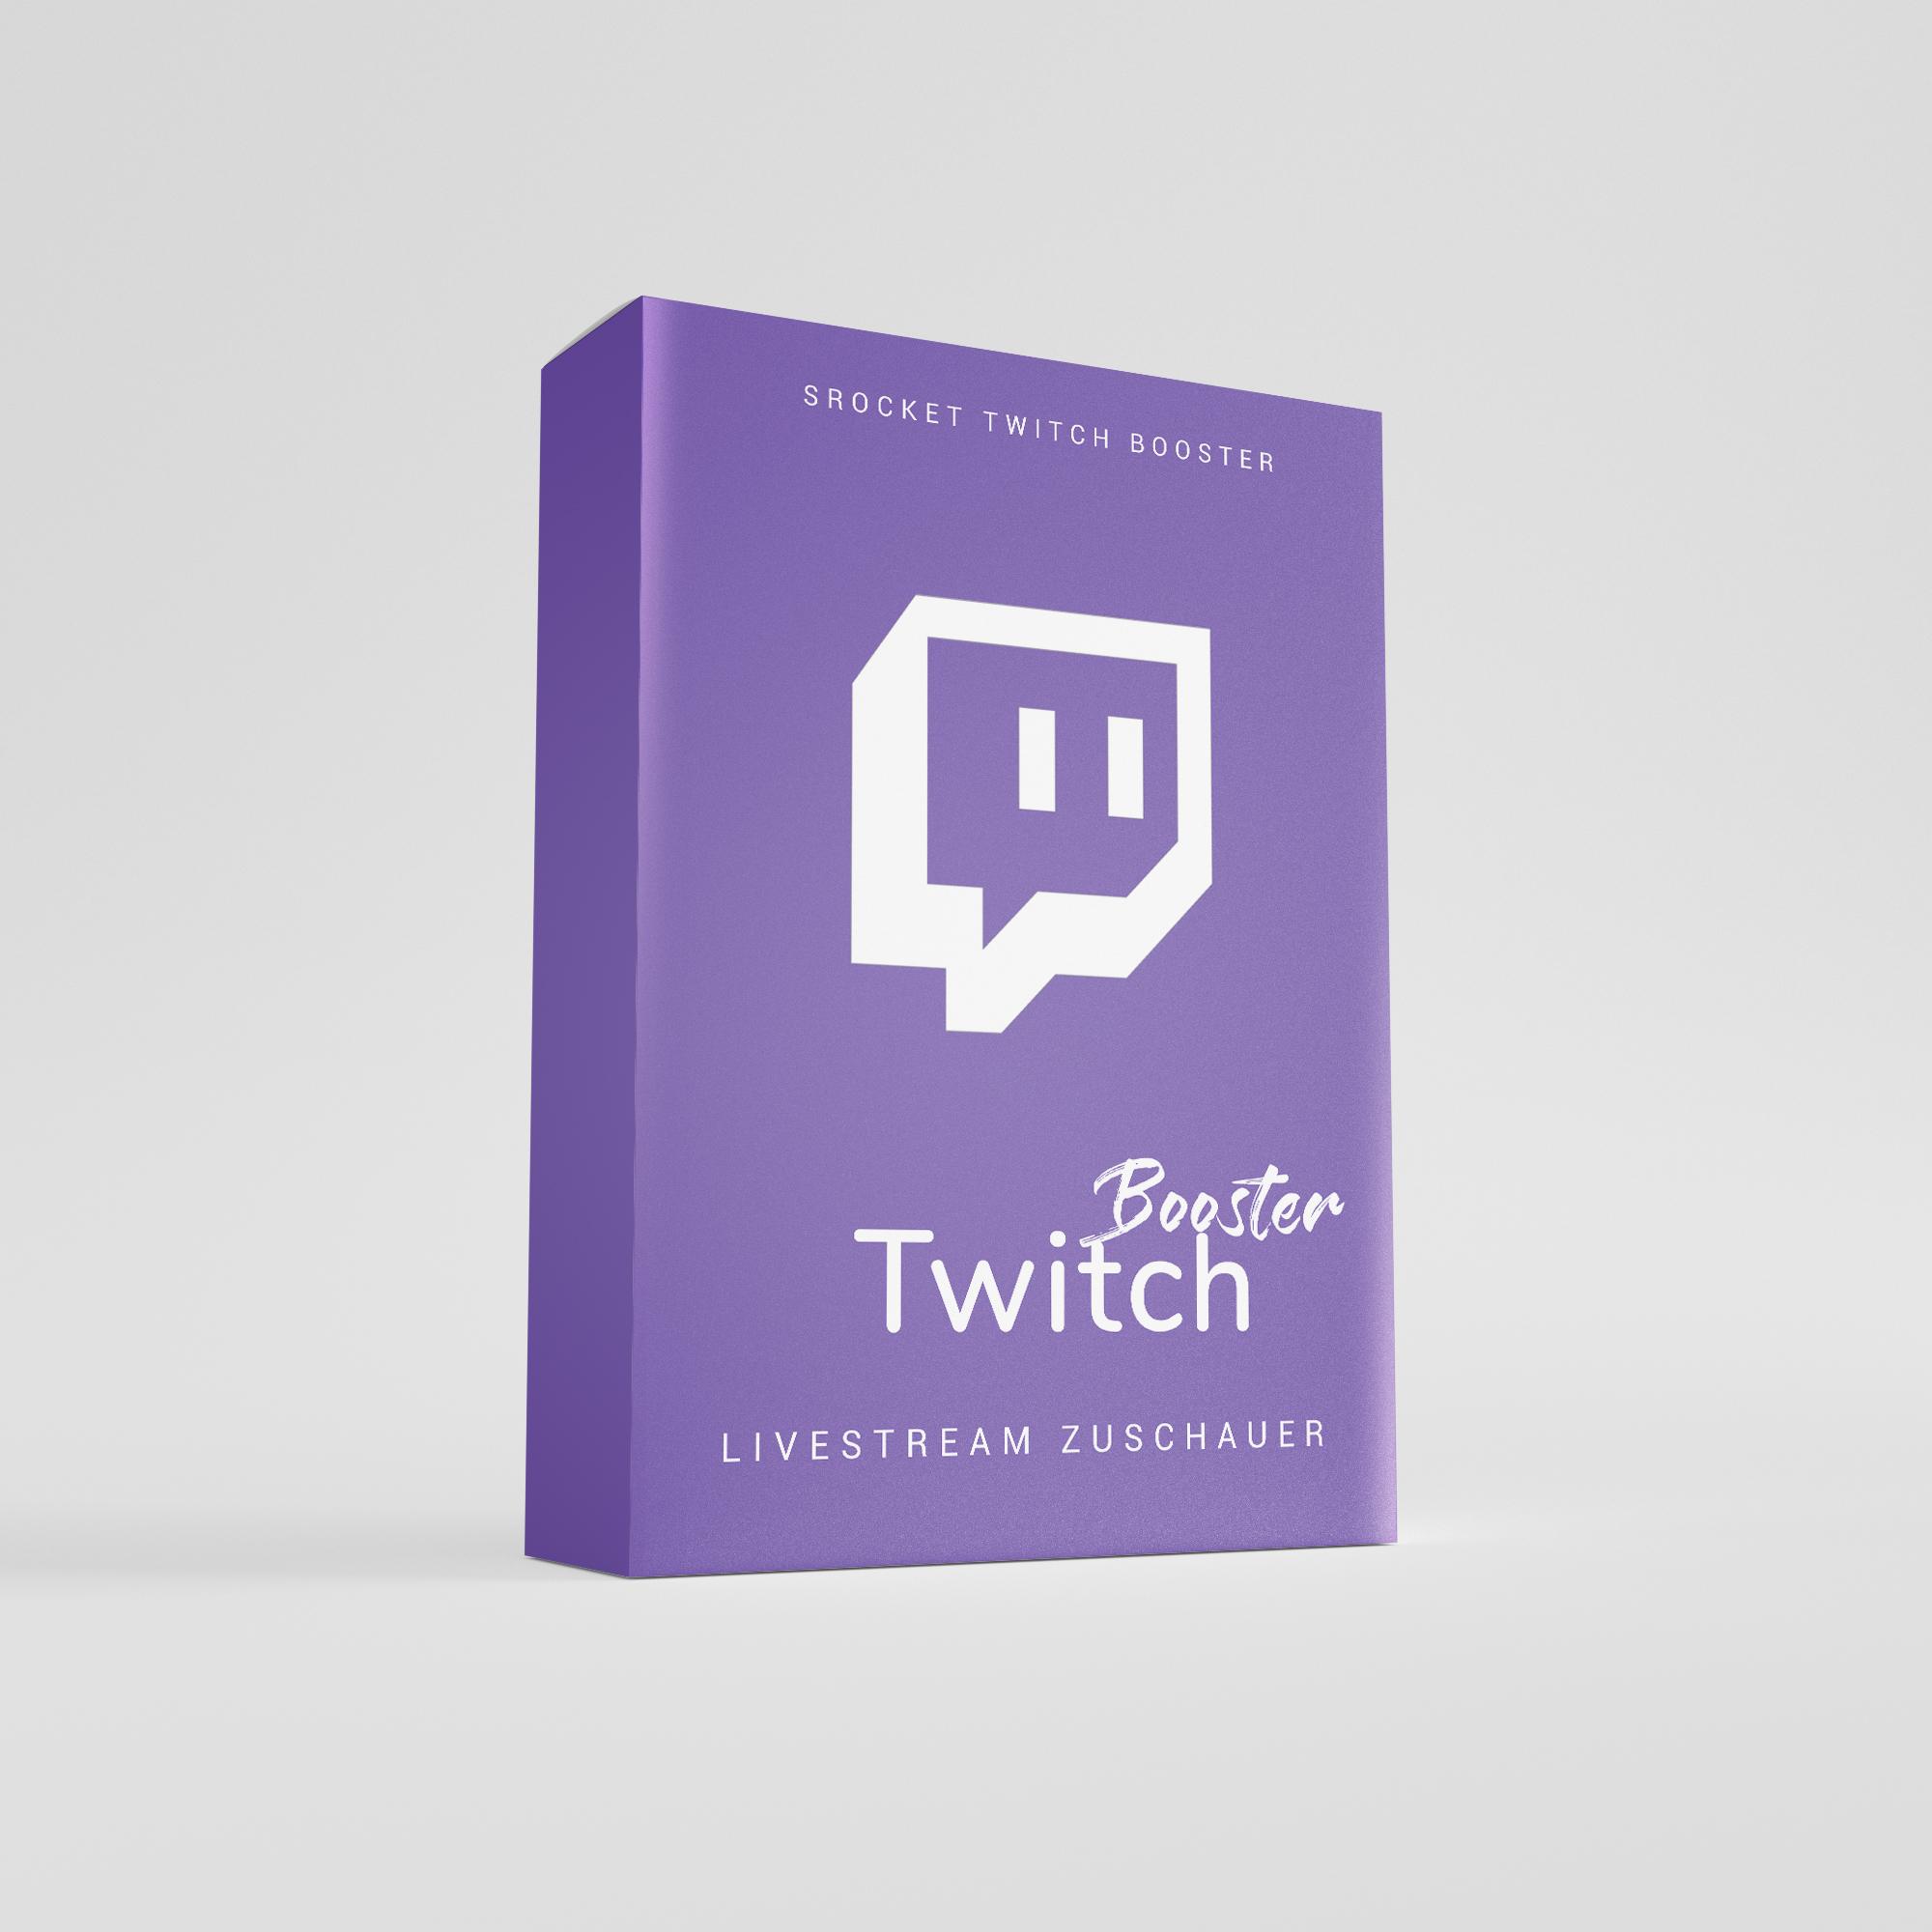 Jetzt deinen Twitch Stream Promoten indem du dir Live Zuschauer kaufst.